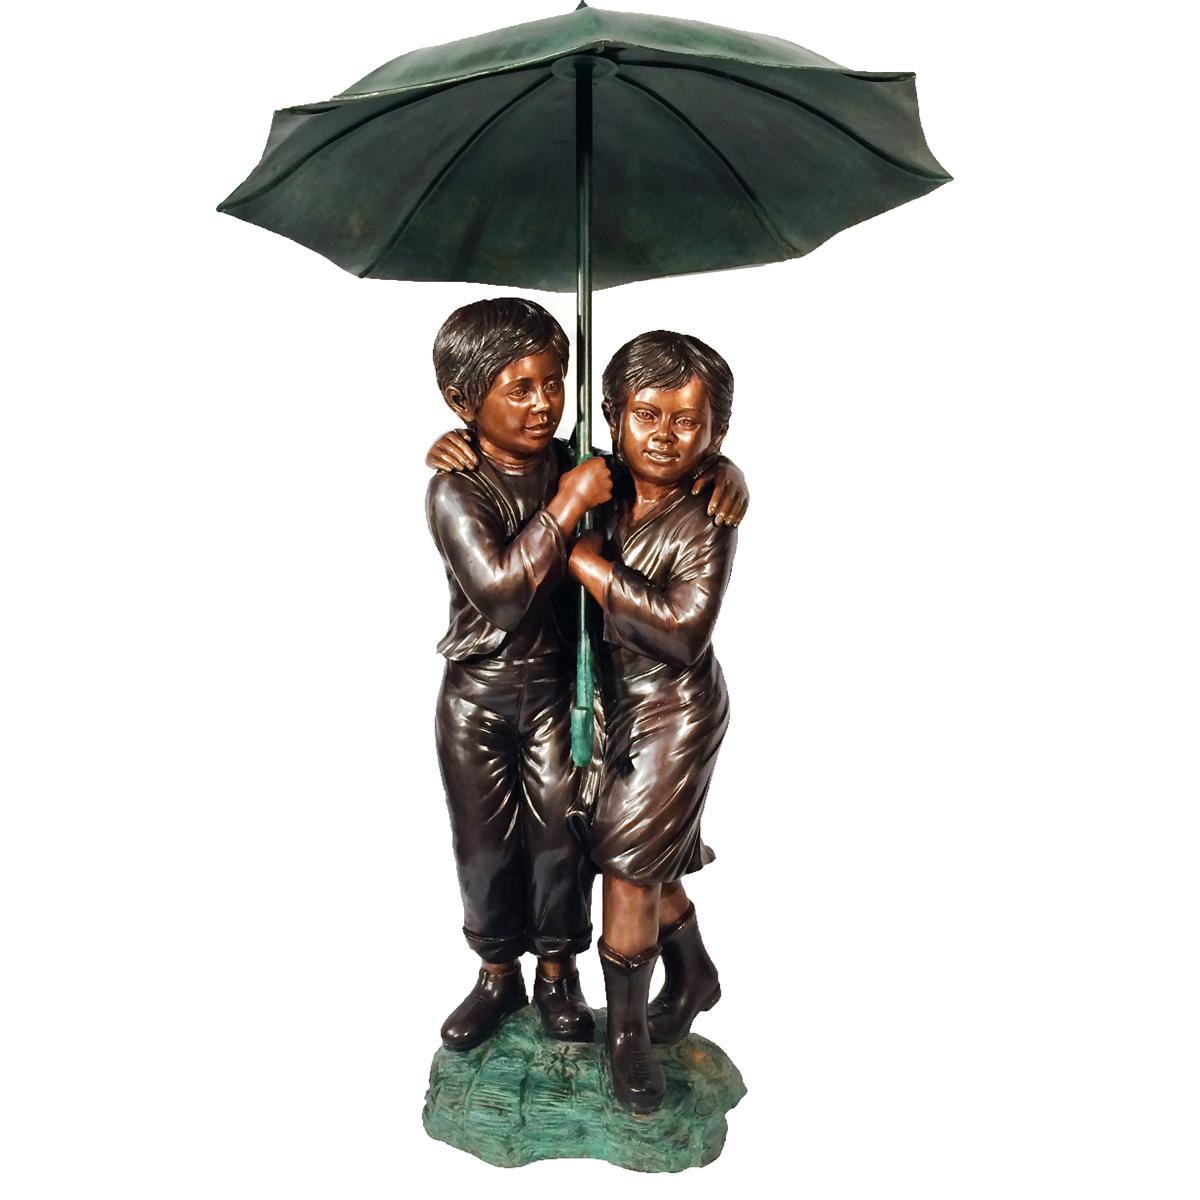 Bronze Children Holding Umbrella Fountain Metropolitan